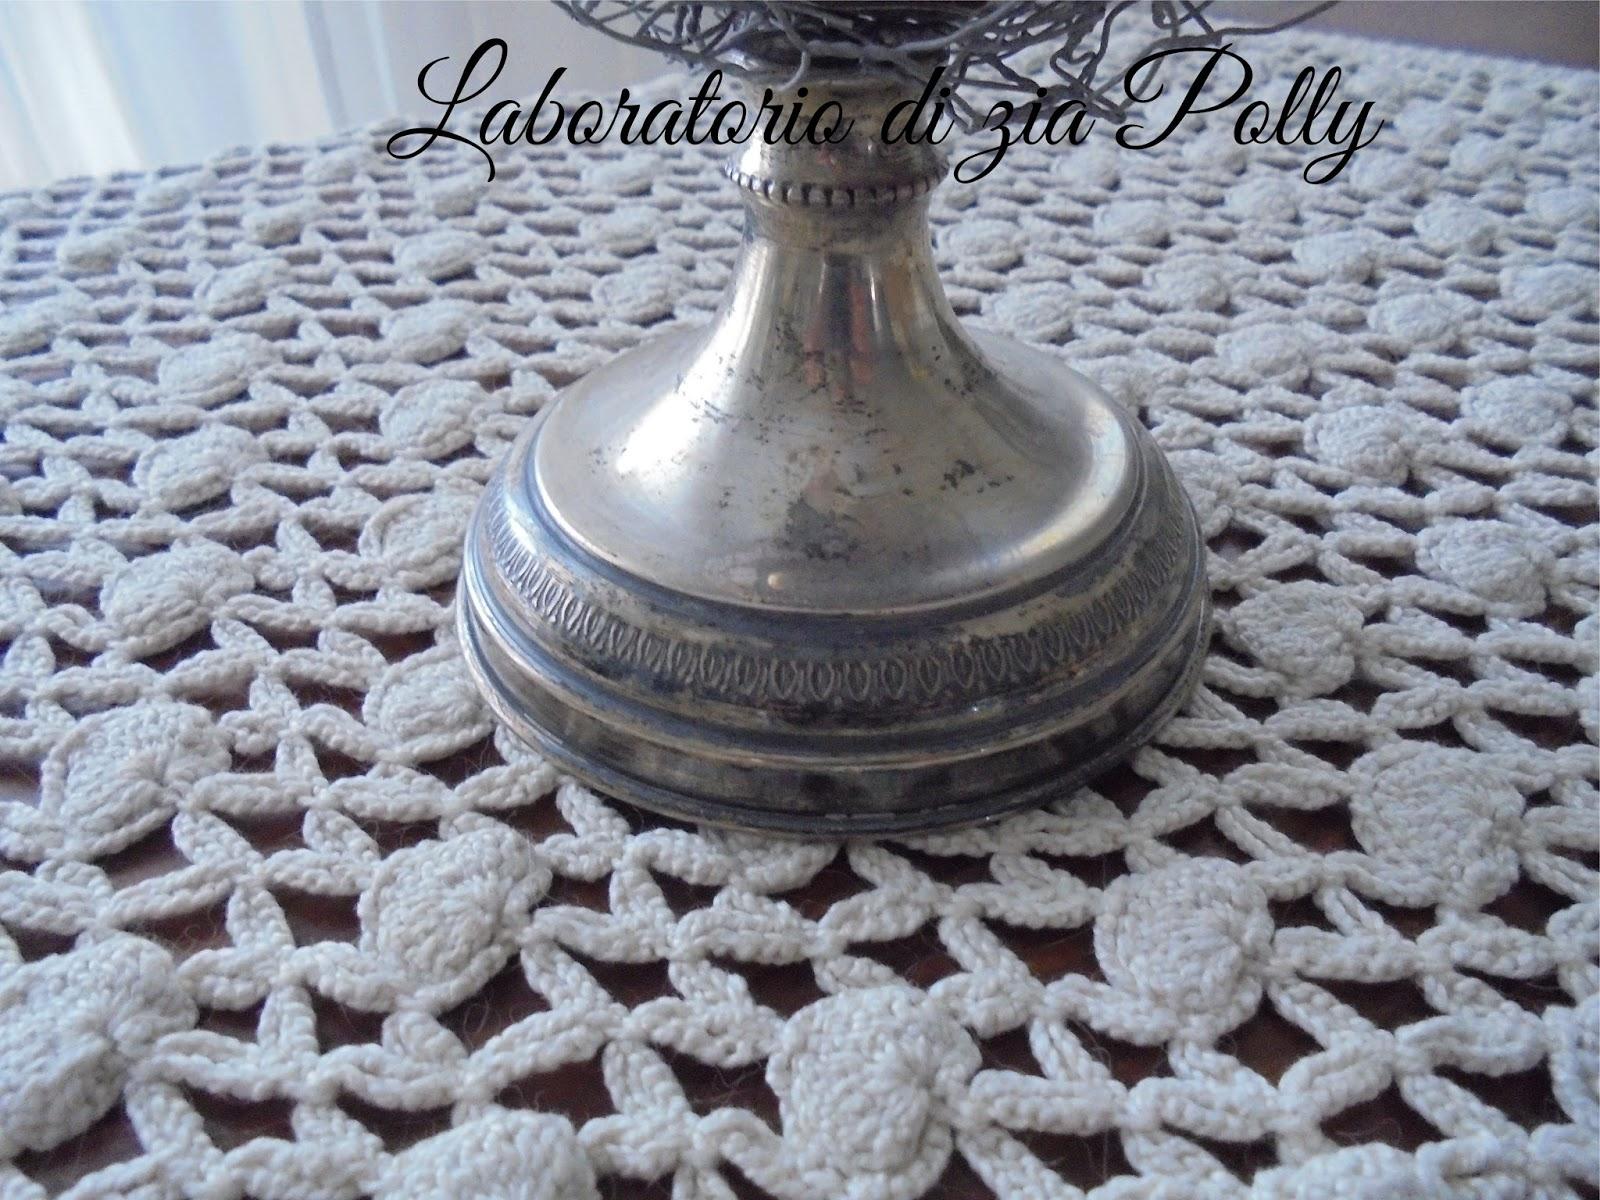 Credenza Con Rete Da Conigliera : Laboratorio di zia polly: una vecchia base in argento dimenticata